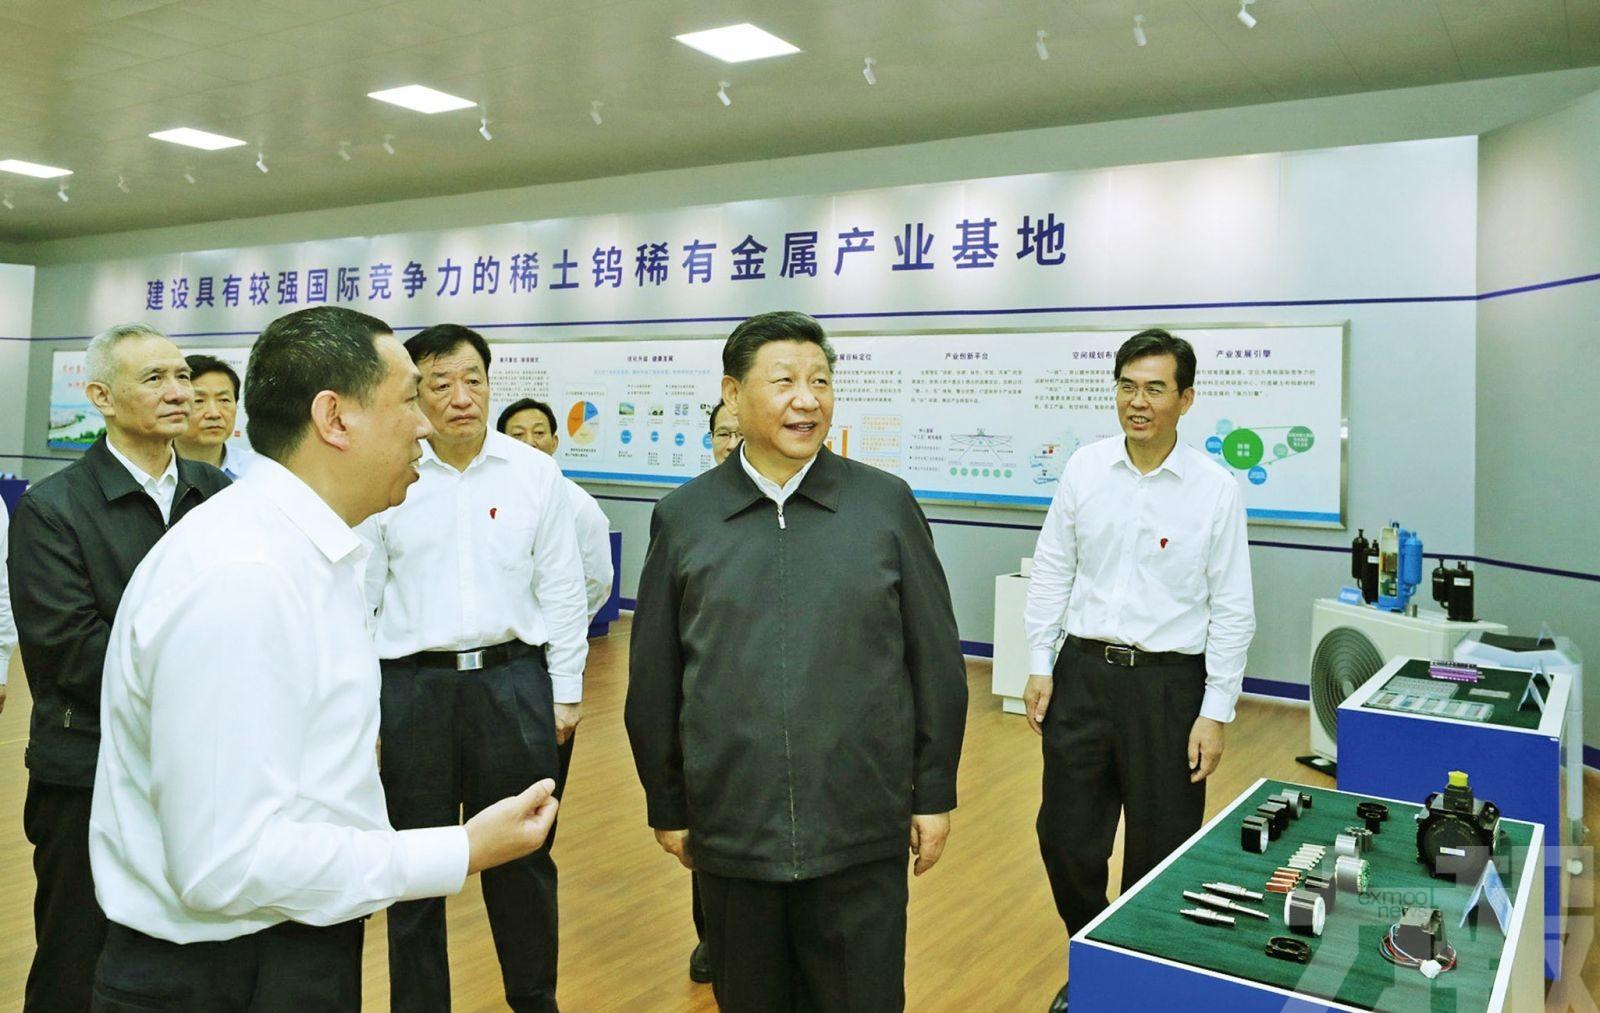 稀土 是中國反擊之鑰?